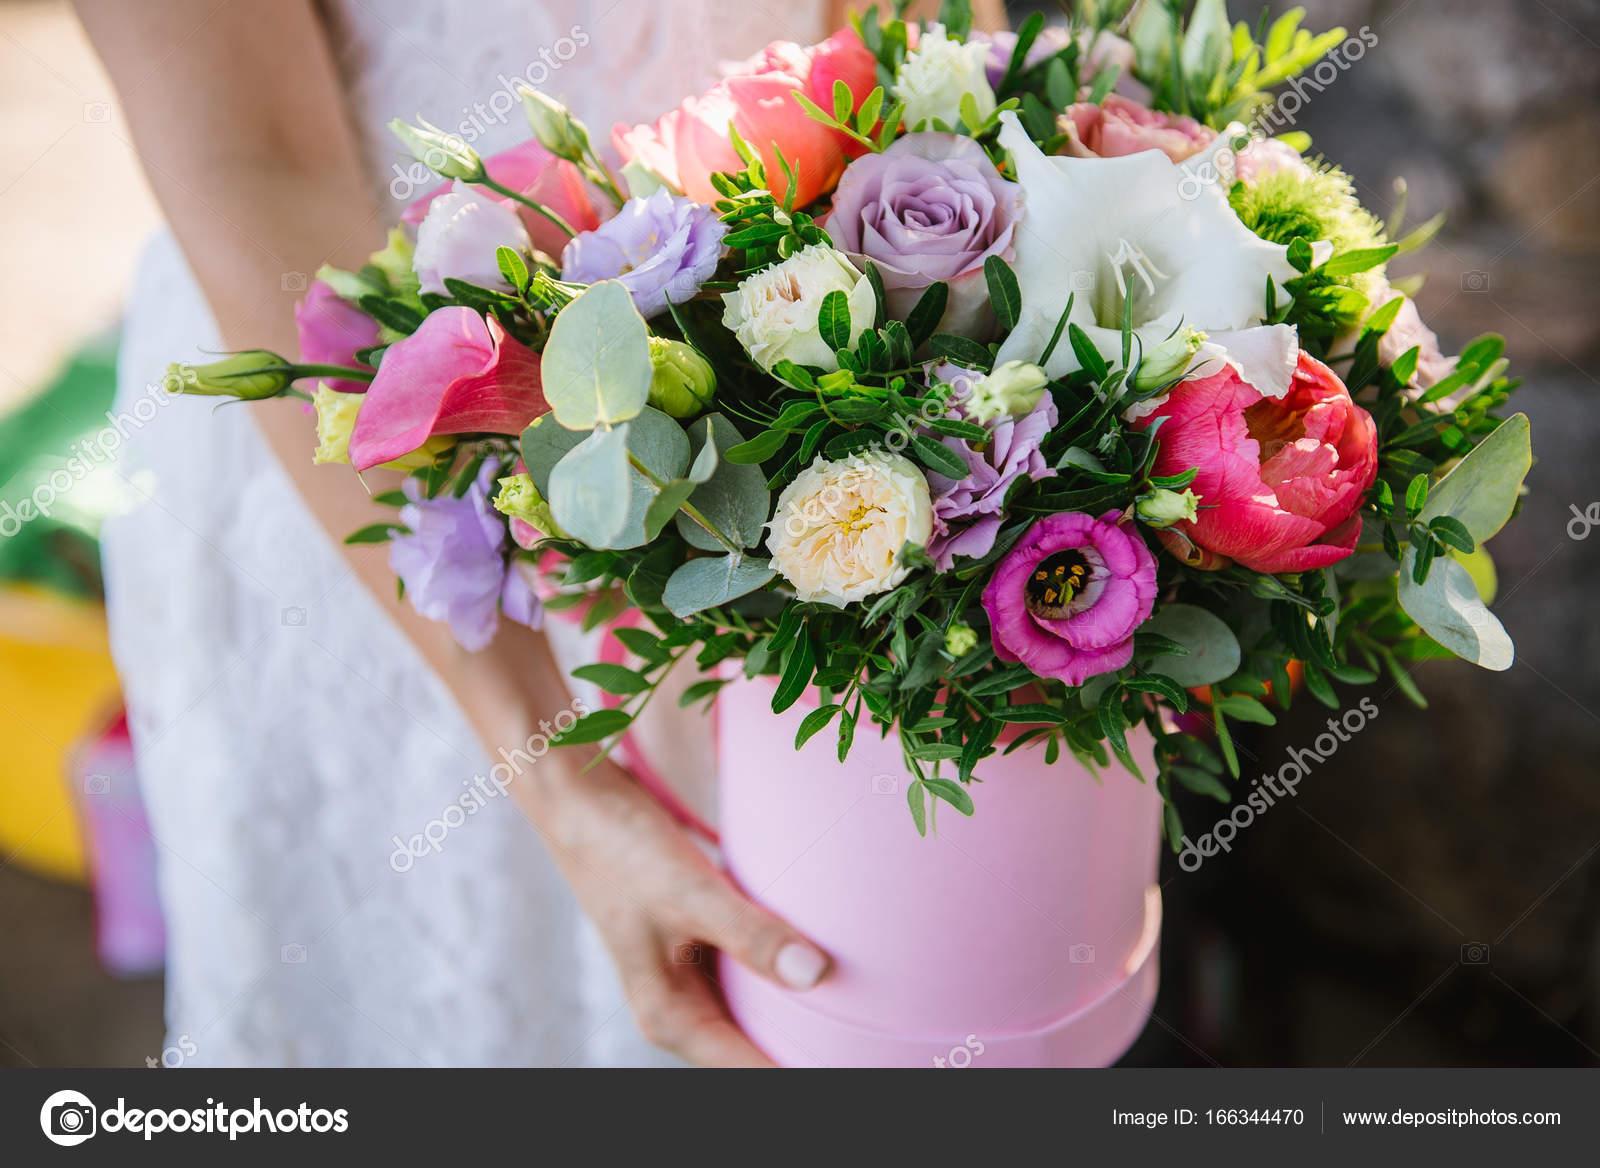 Jeune Fille Tenant Belle Melange Bouquet De Fleurs En Boite Ronde